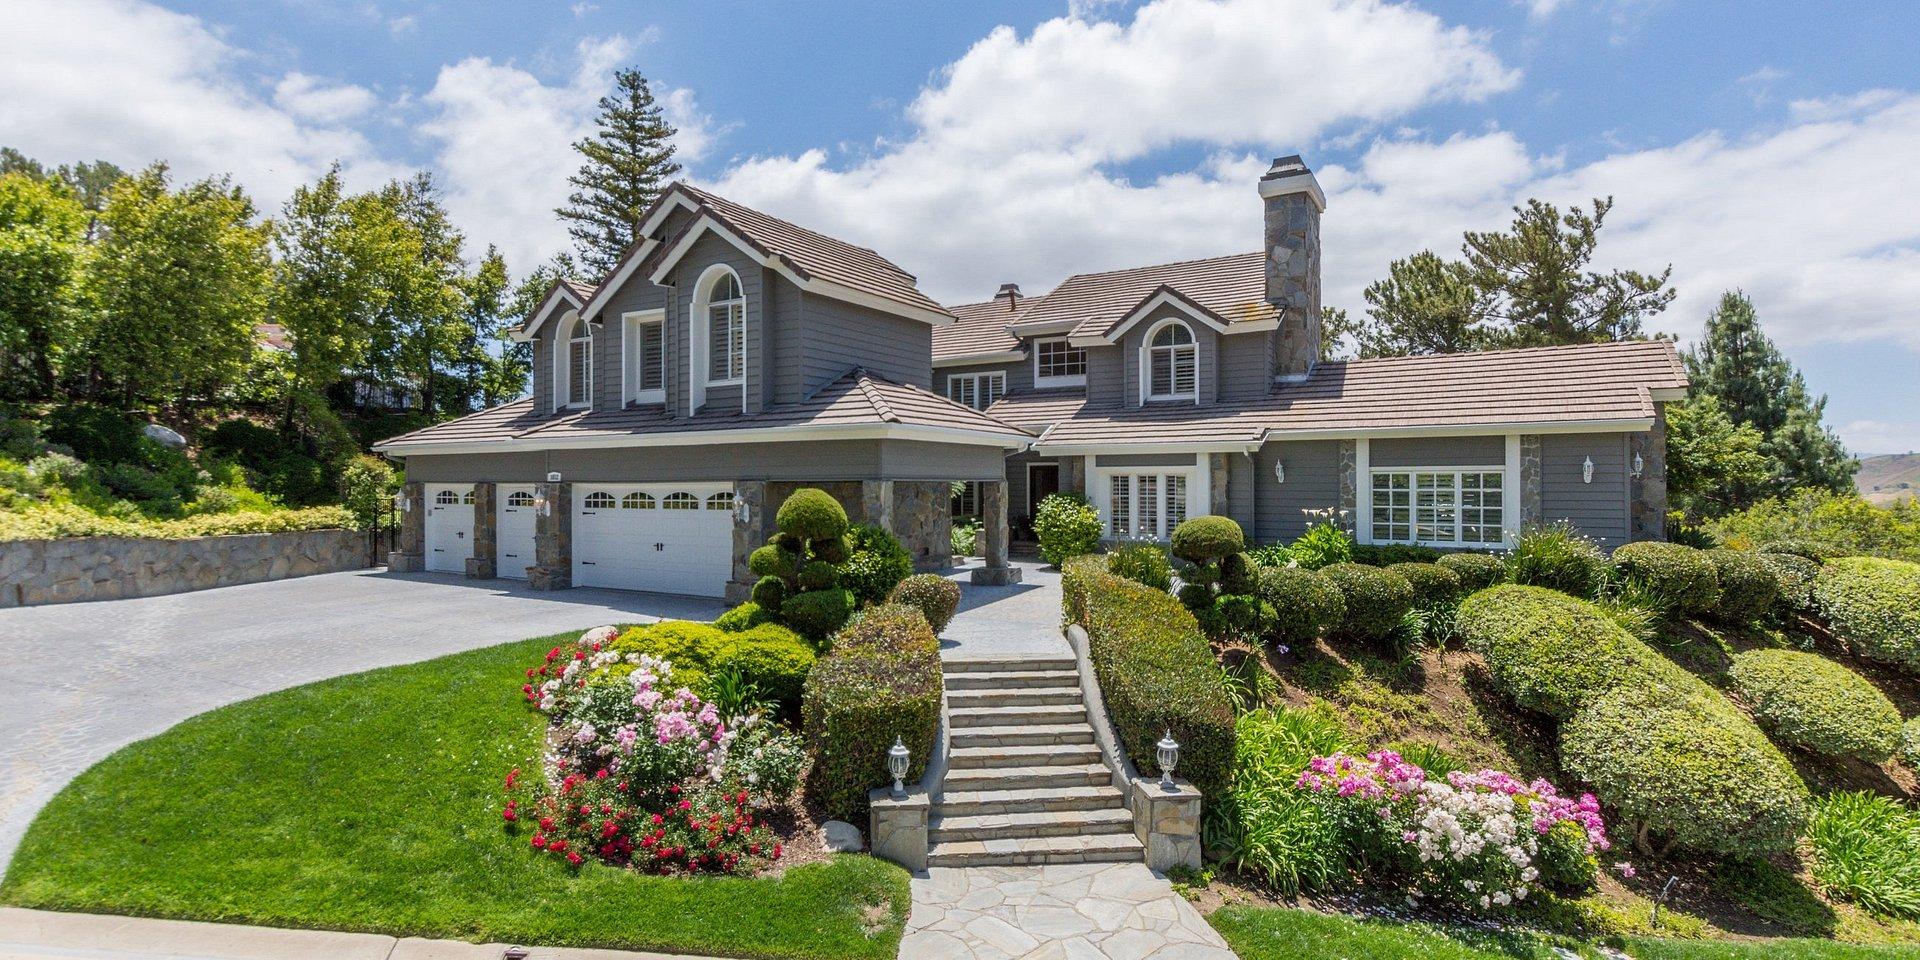 Coldwell Banker Residential Brokerage Lists Westlake Village Property for $2.6 Million